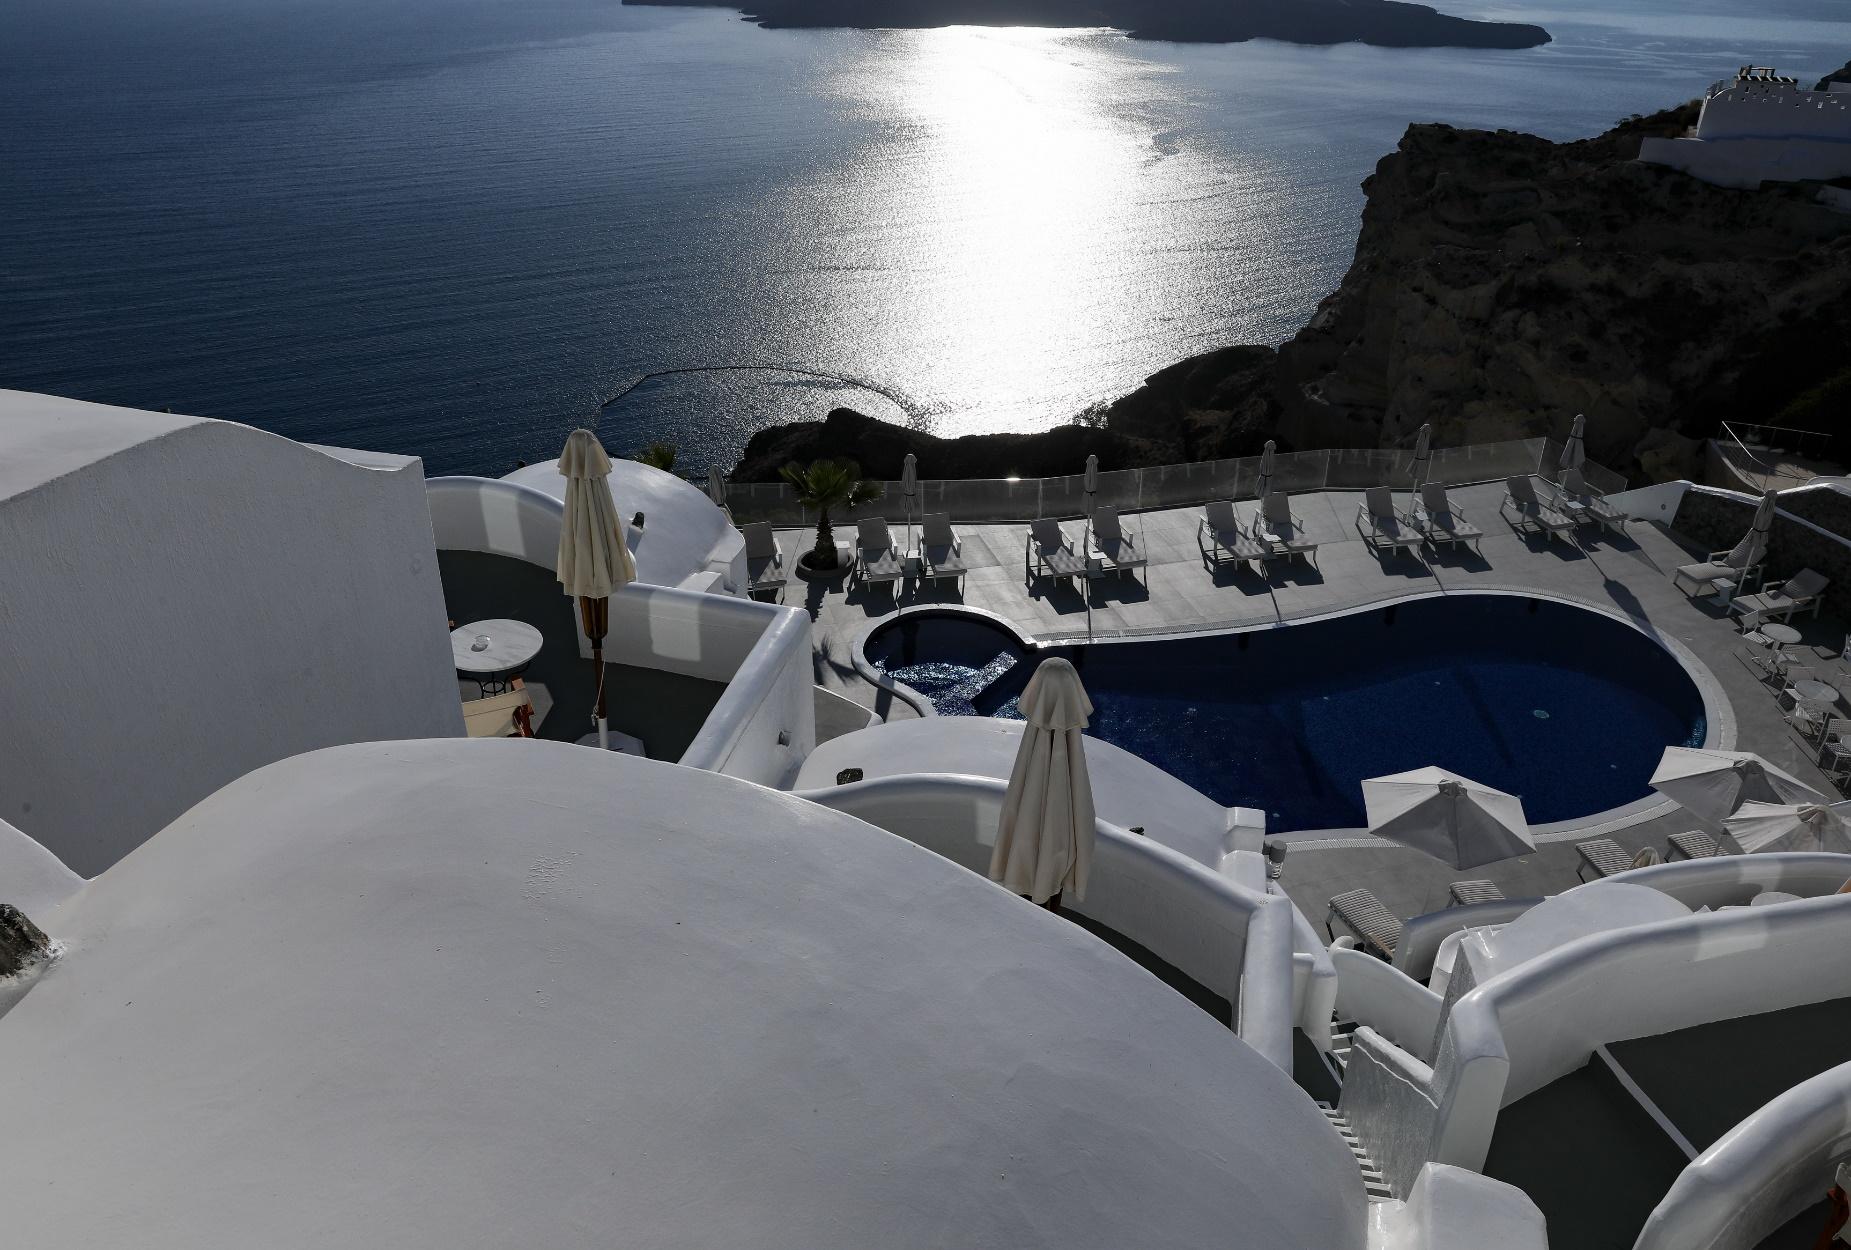 Η Ίος στη λίστα με τα 100 πιο εντυπωσιακά νησιά του κόσμου!